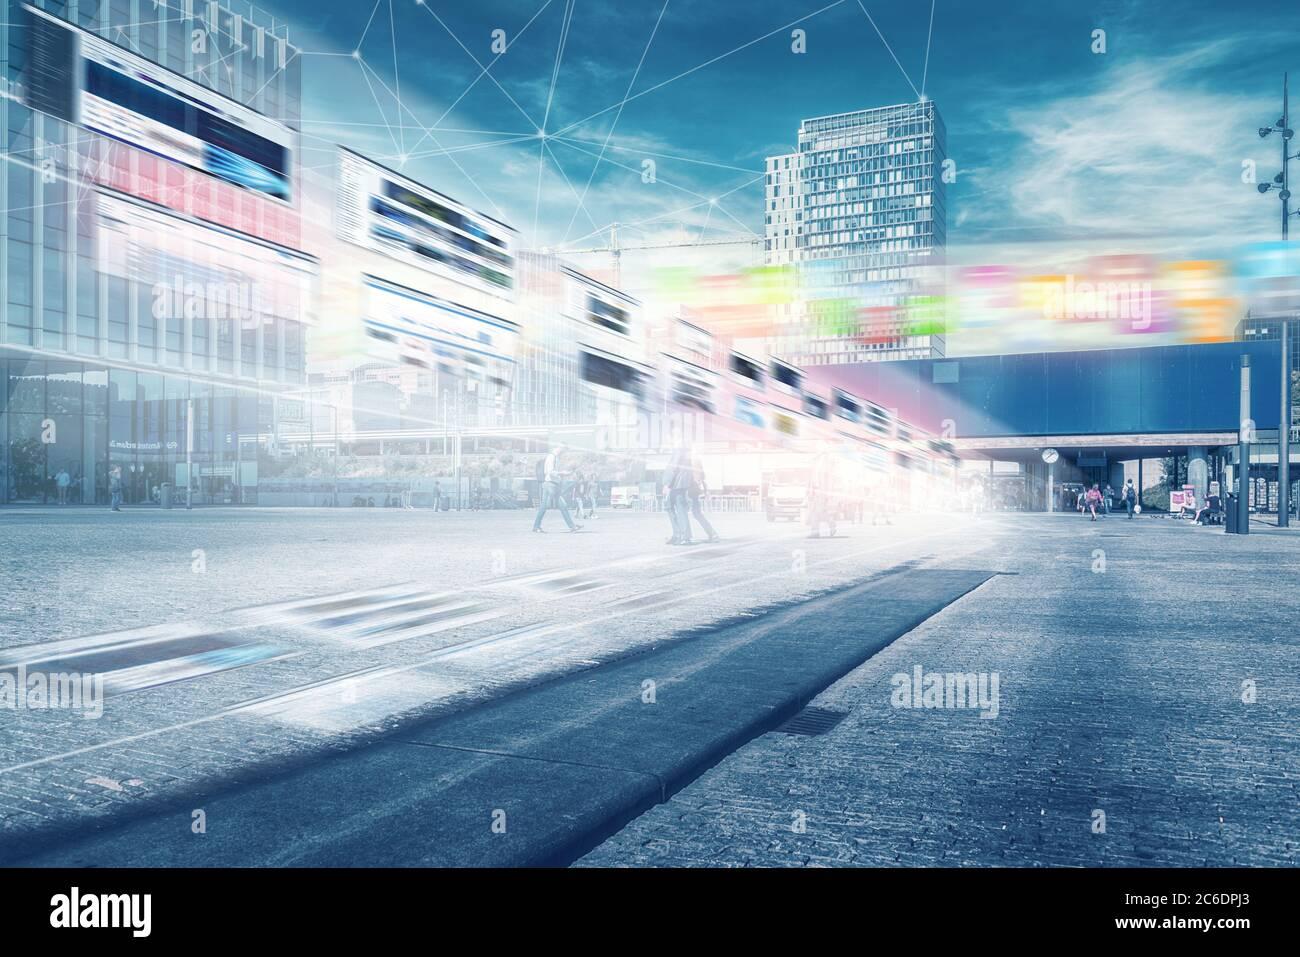 IOT, concepto de red de comunicación. Ciudad inteligente. 5G, ciudad, inteligencia artificial, Zuidas amsterdam, internet de las cosas, datos móviles, área de negocios, C Foto de stock